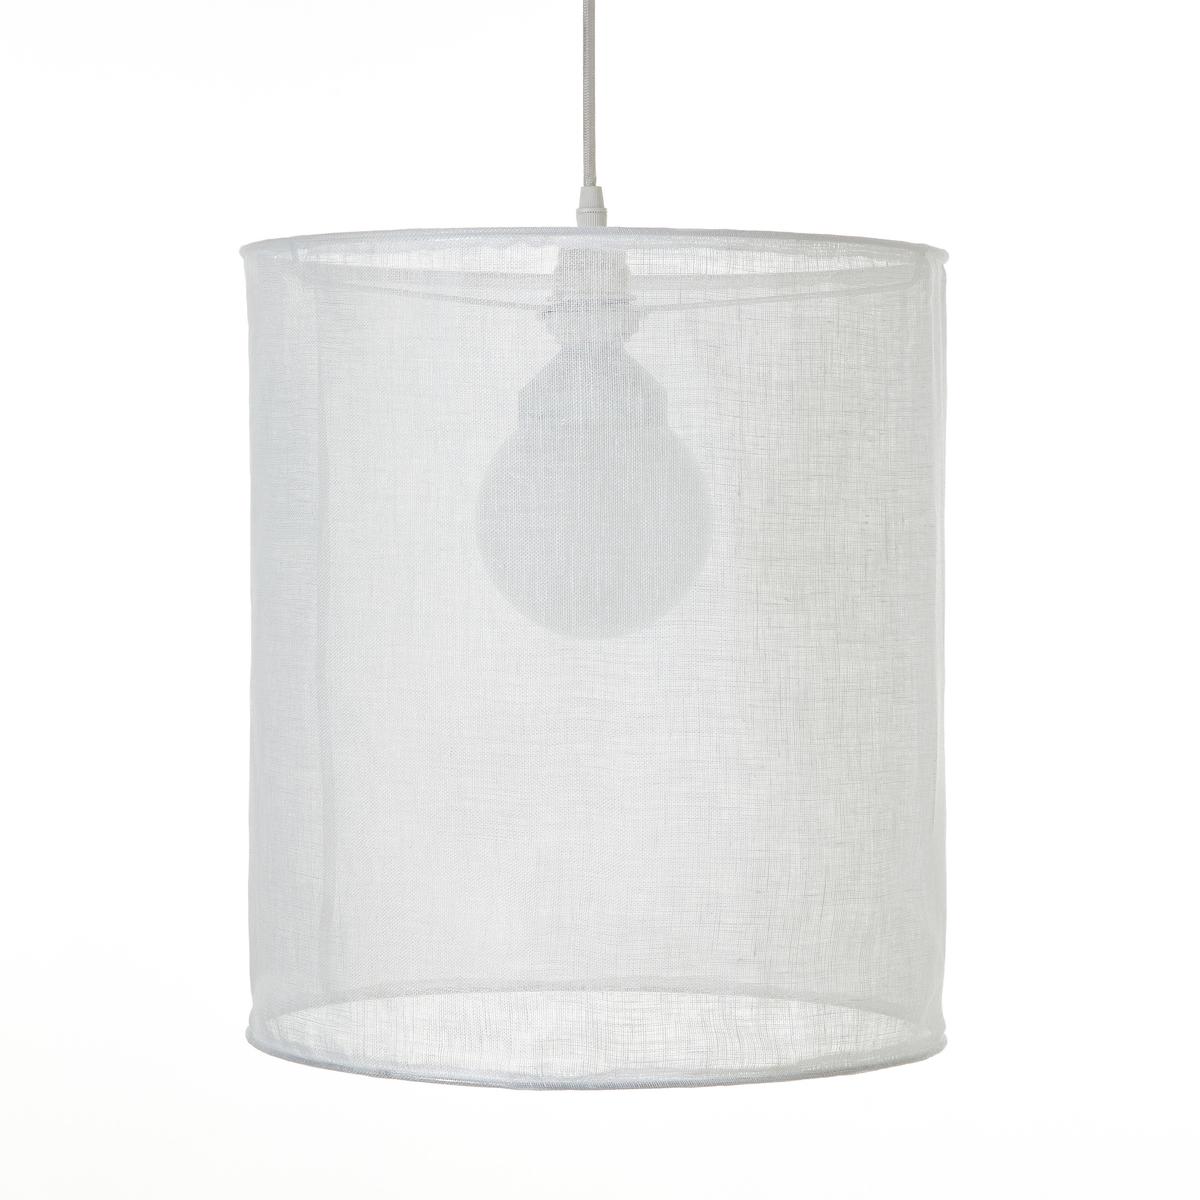 Светильник ?35 x 40 см, HolorimeСветильник Holorime. Светильник стильной цилиндрической формы из льняной  вуали для создания приглушенного света. Из 100% льняной вуали. Для  патрона E27. Совместим с электрическим кабелем Sevigni, продающимся на  нашем сайте . Размеры : ?35 x H40 см .<br><br>Цвет: белый<br>Размер: единый размер